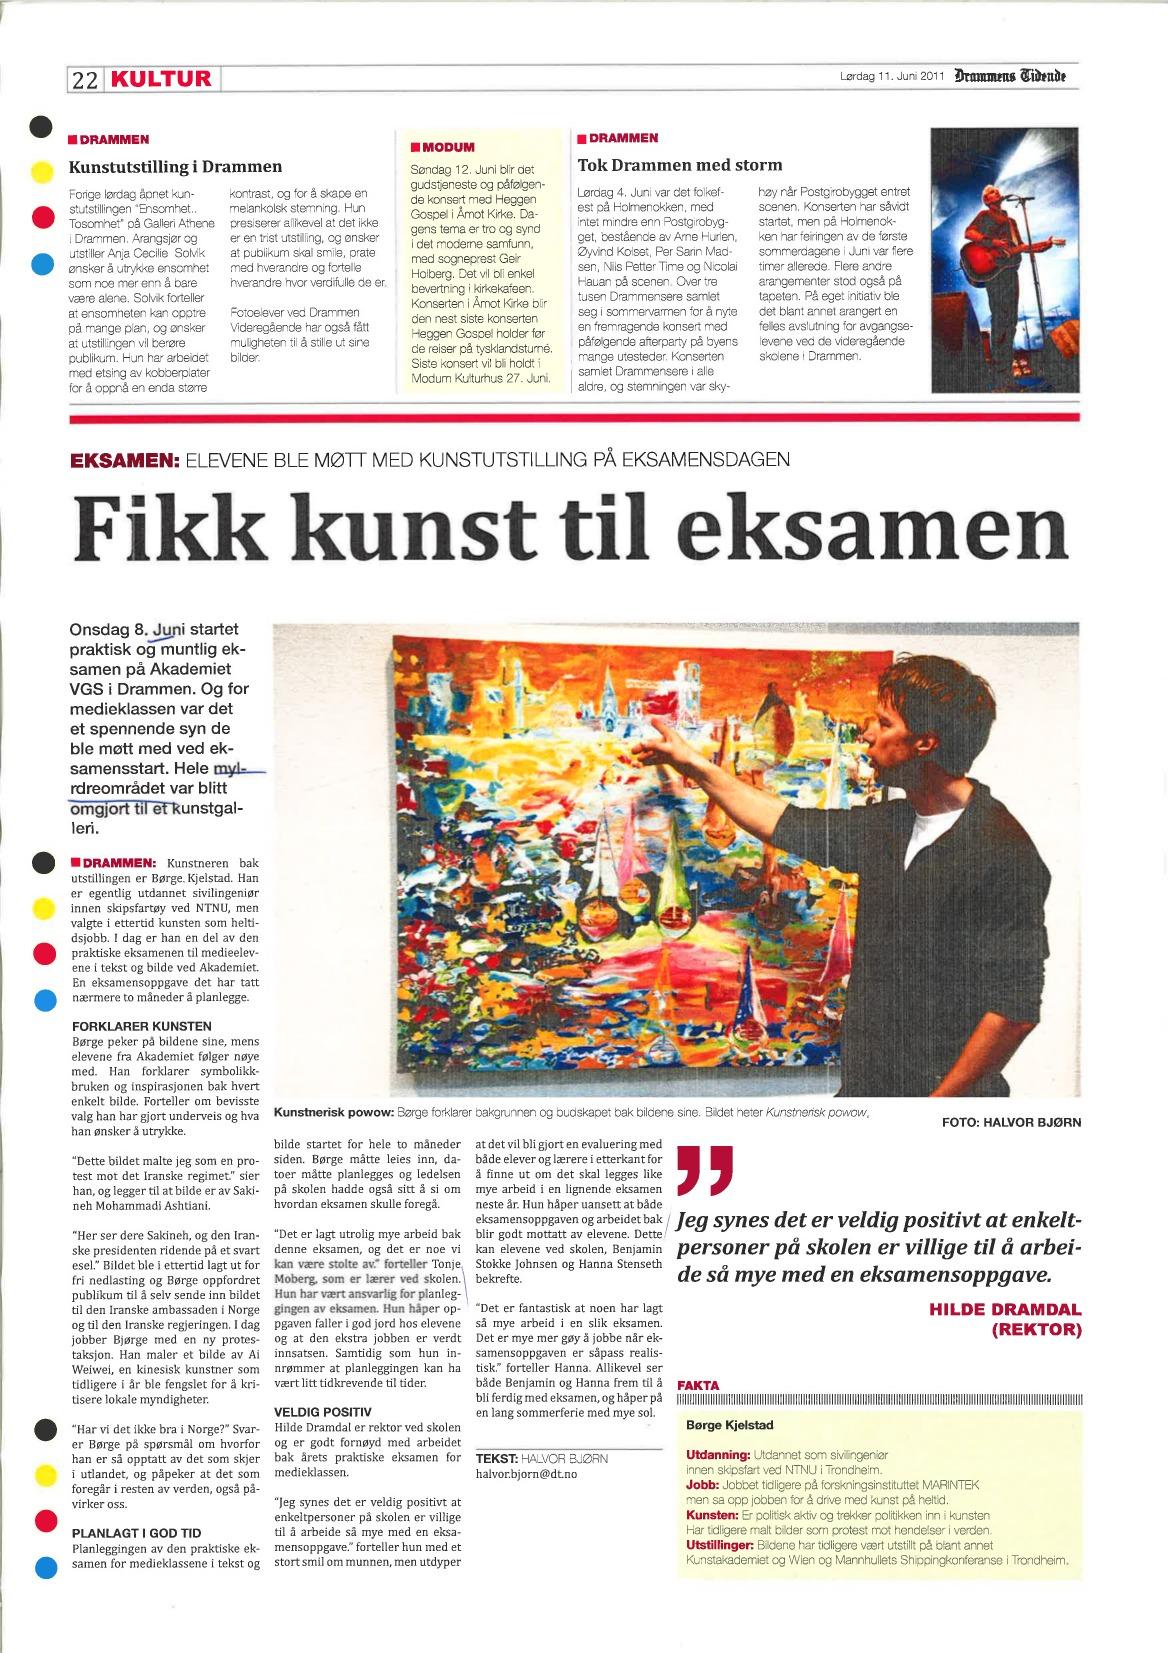 Artikkel av Halvor Bjørn.jpg